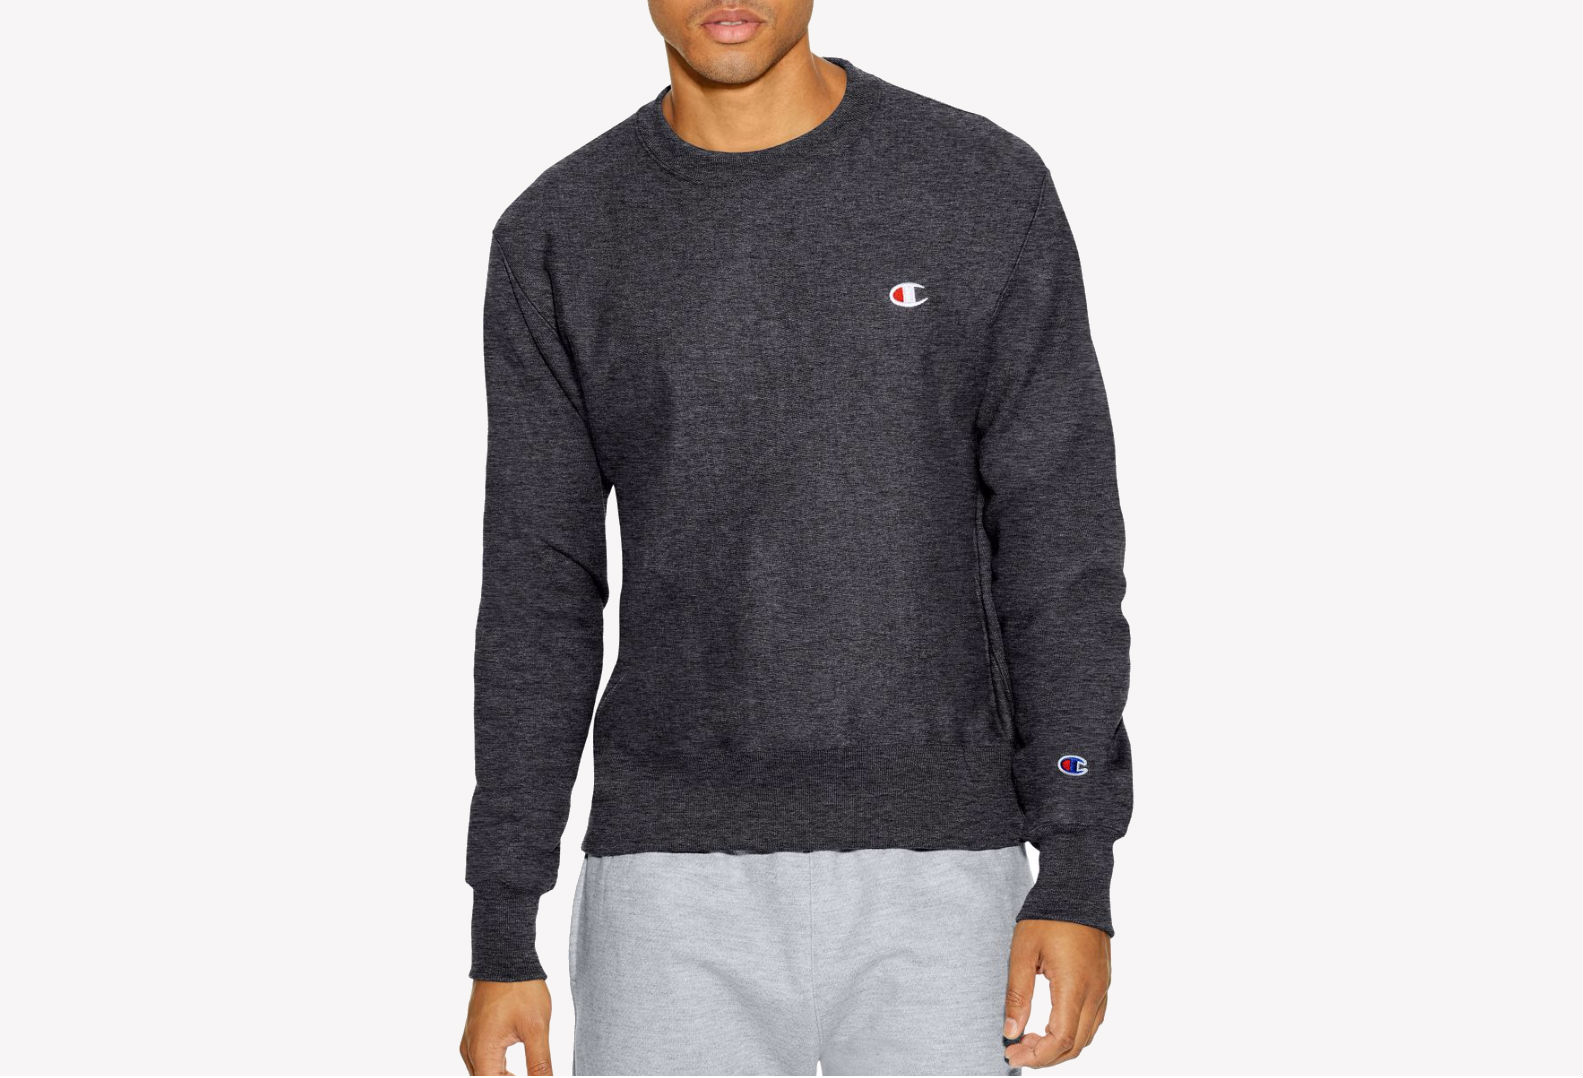 A male model wearing a dark gray Champion sweatshirt